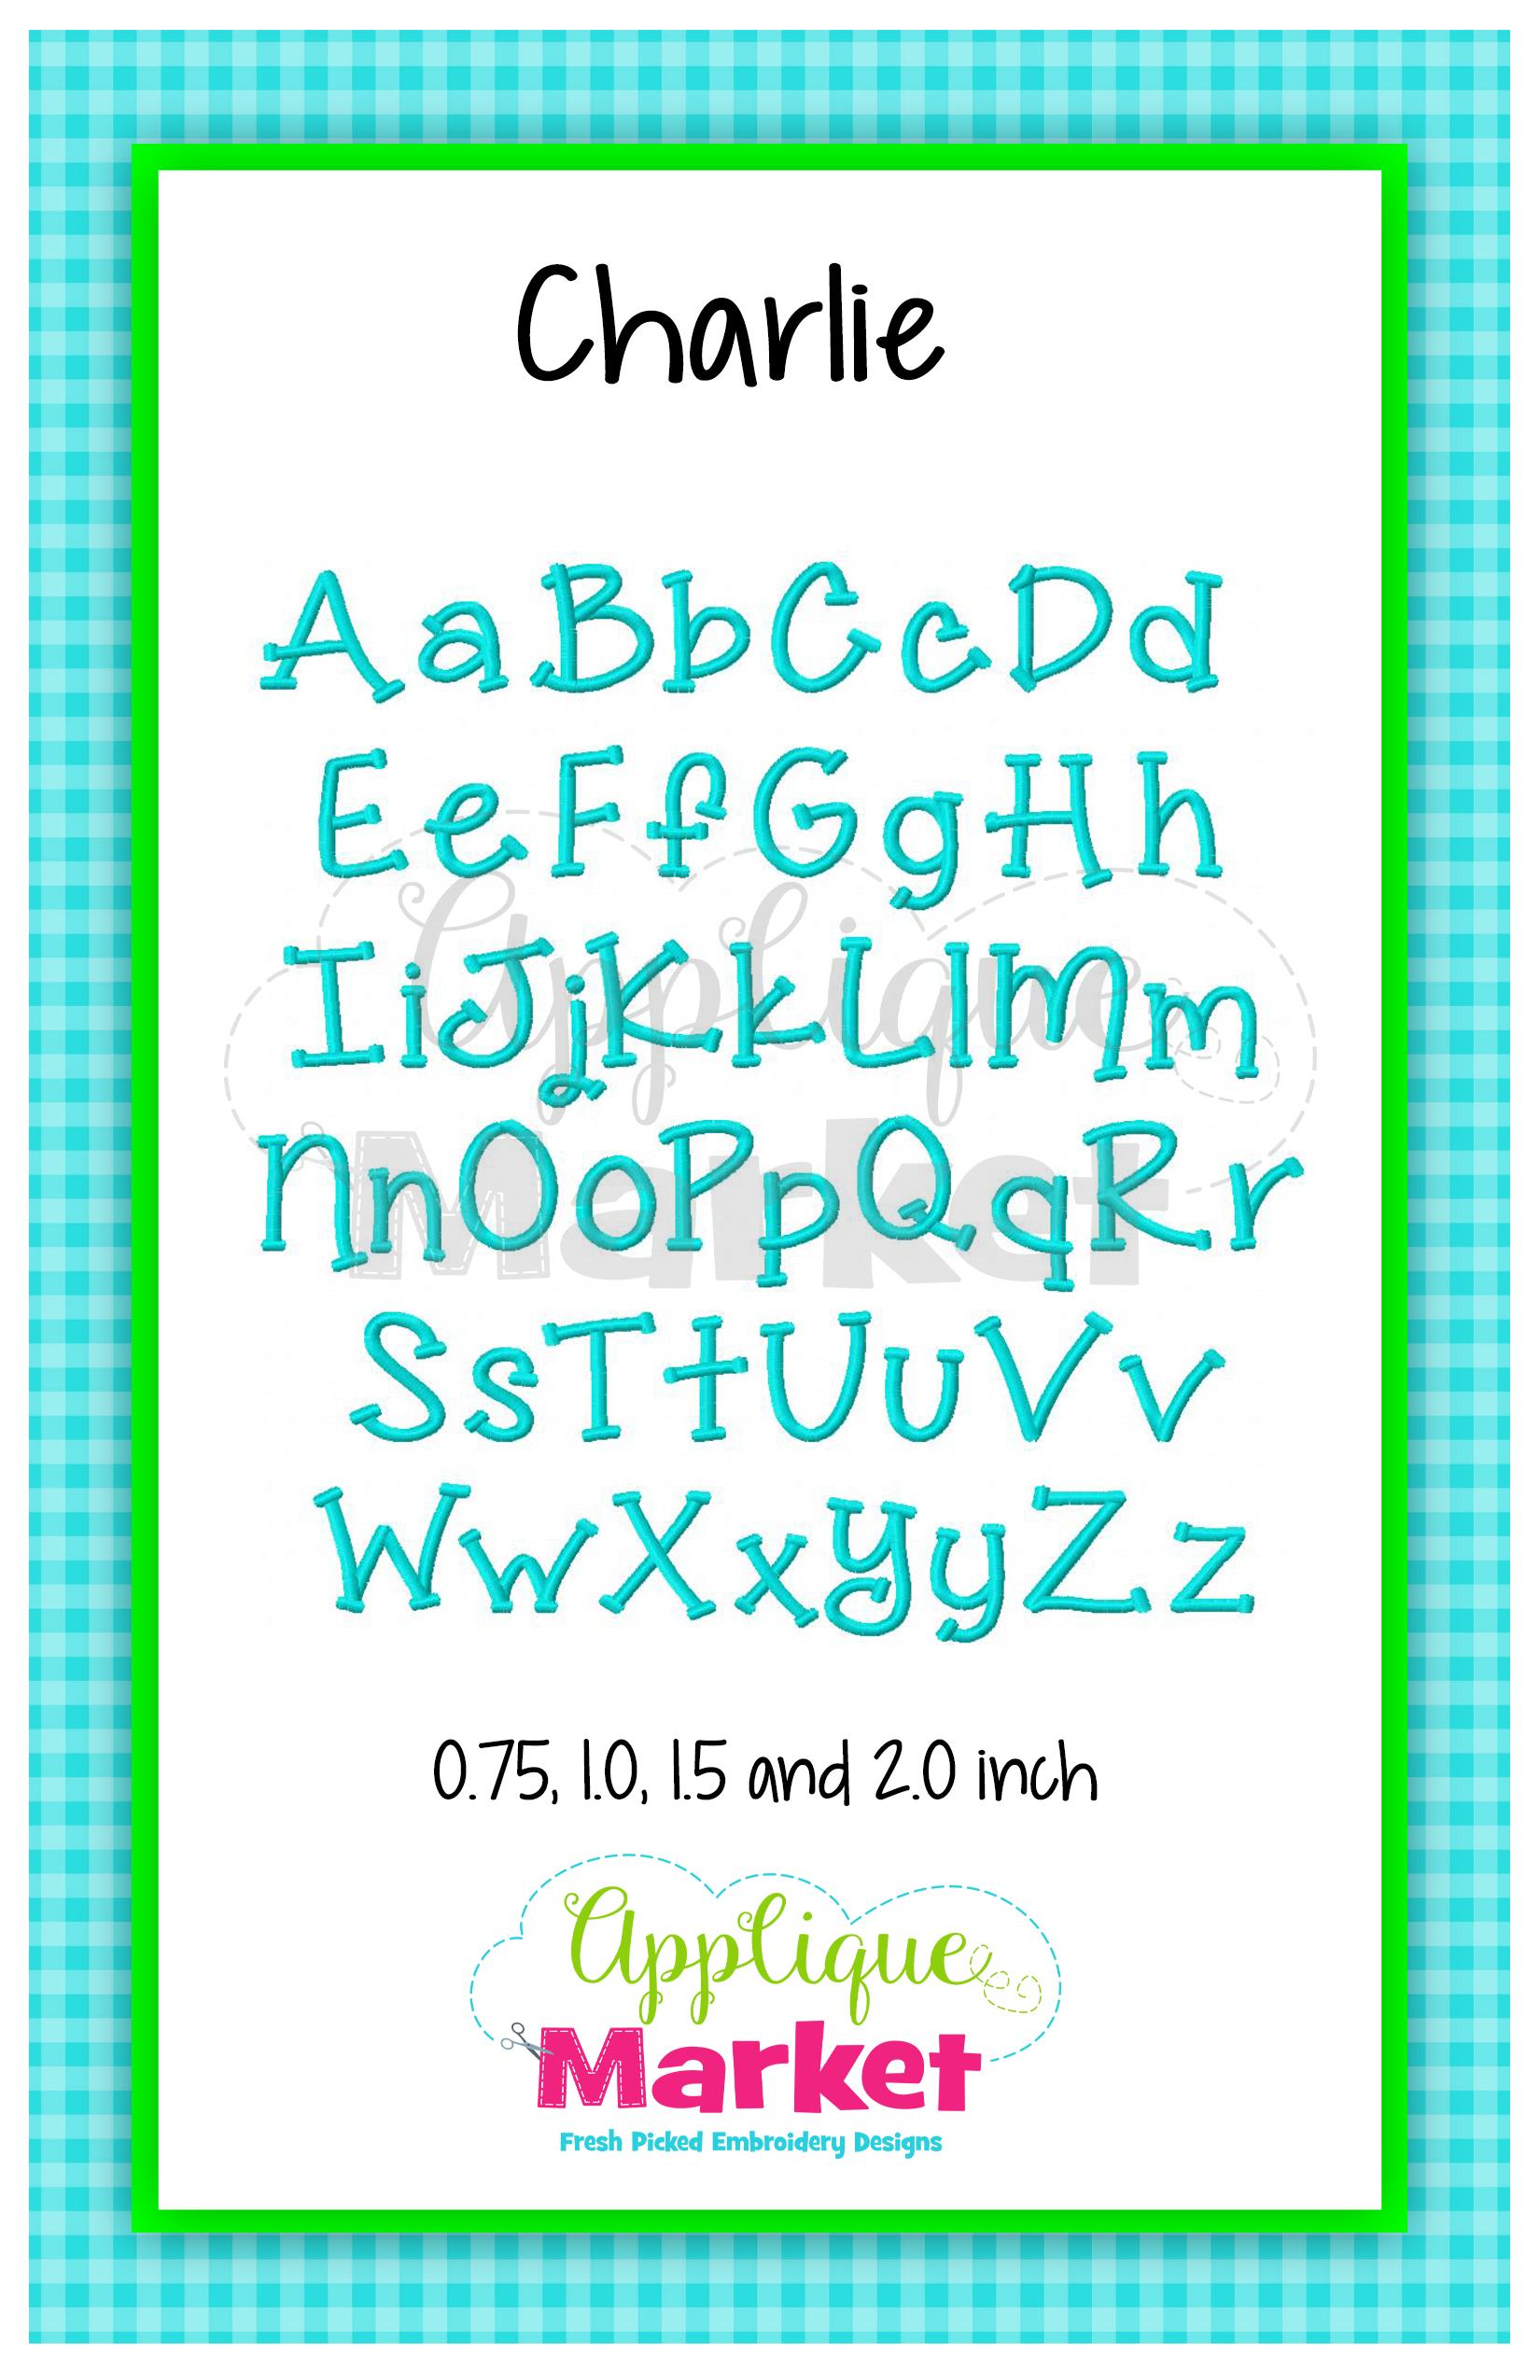 charlie embroidery alphabet applique